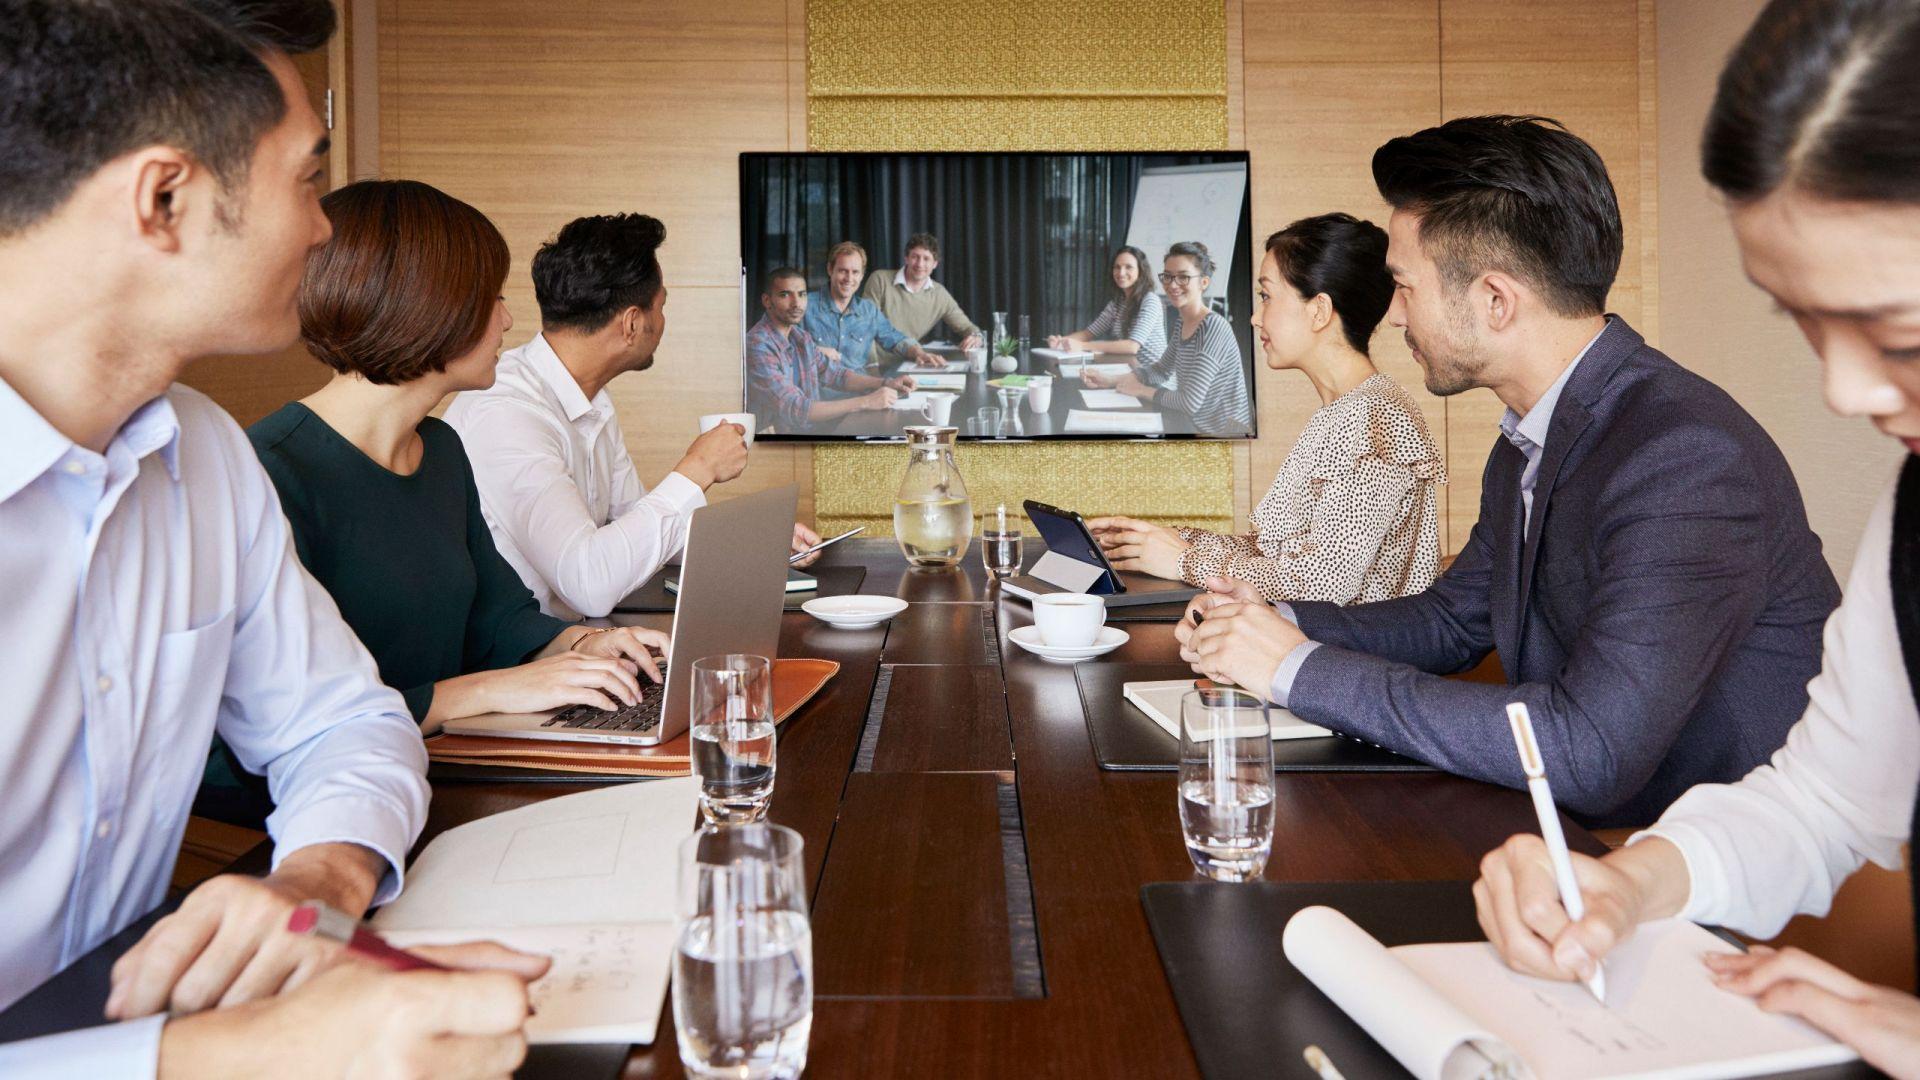 B2B Meetings